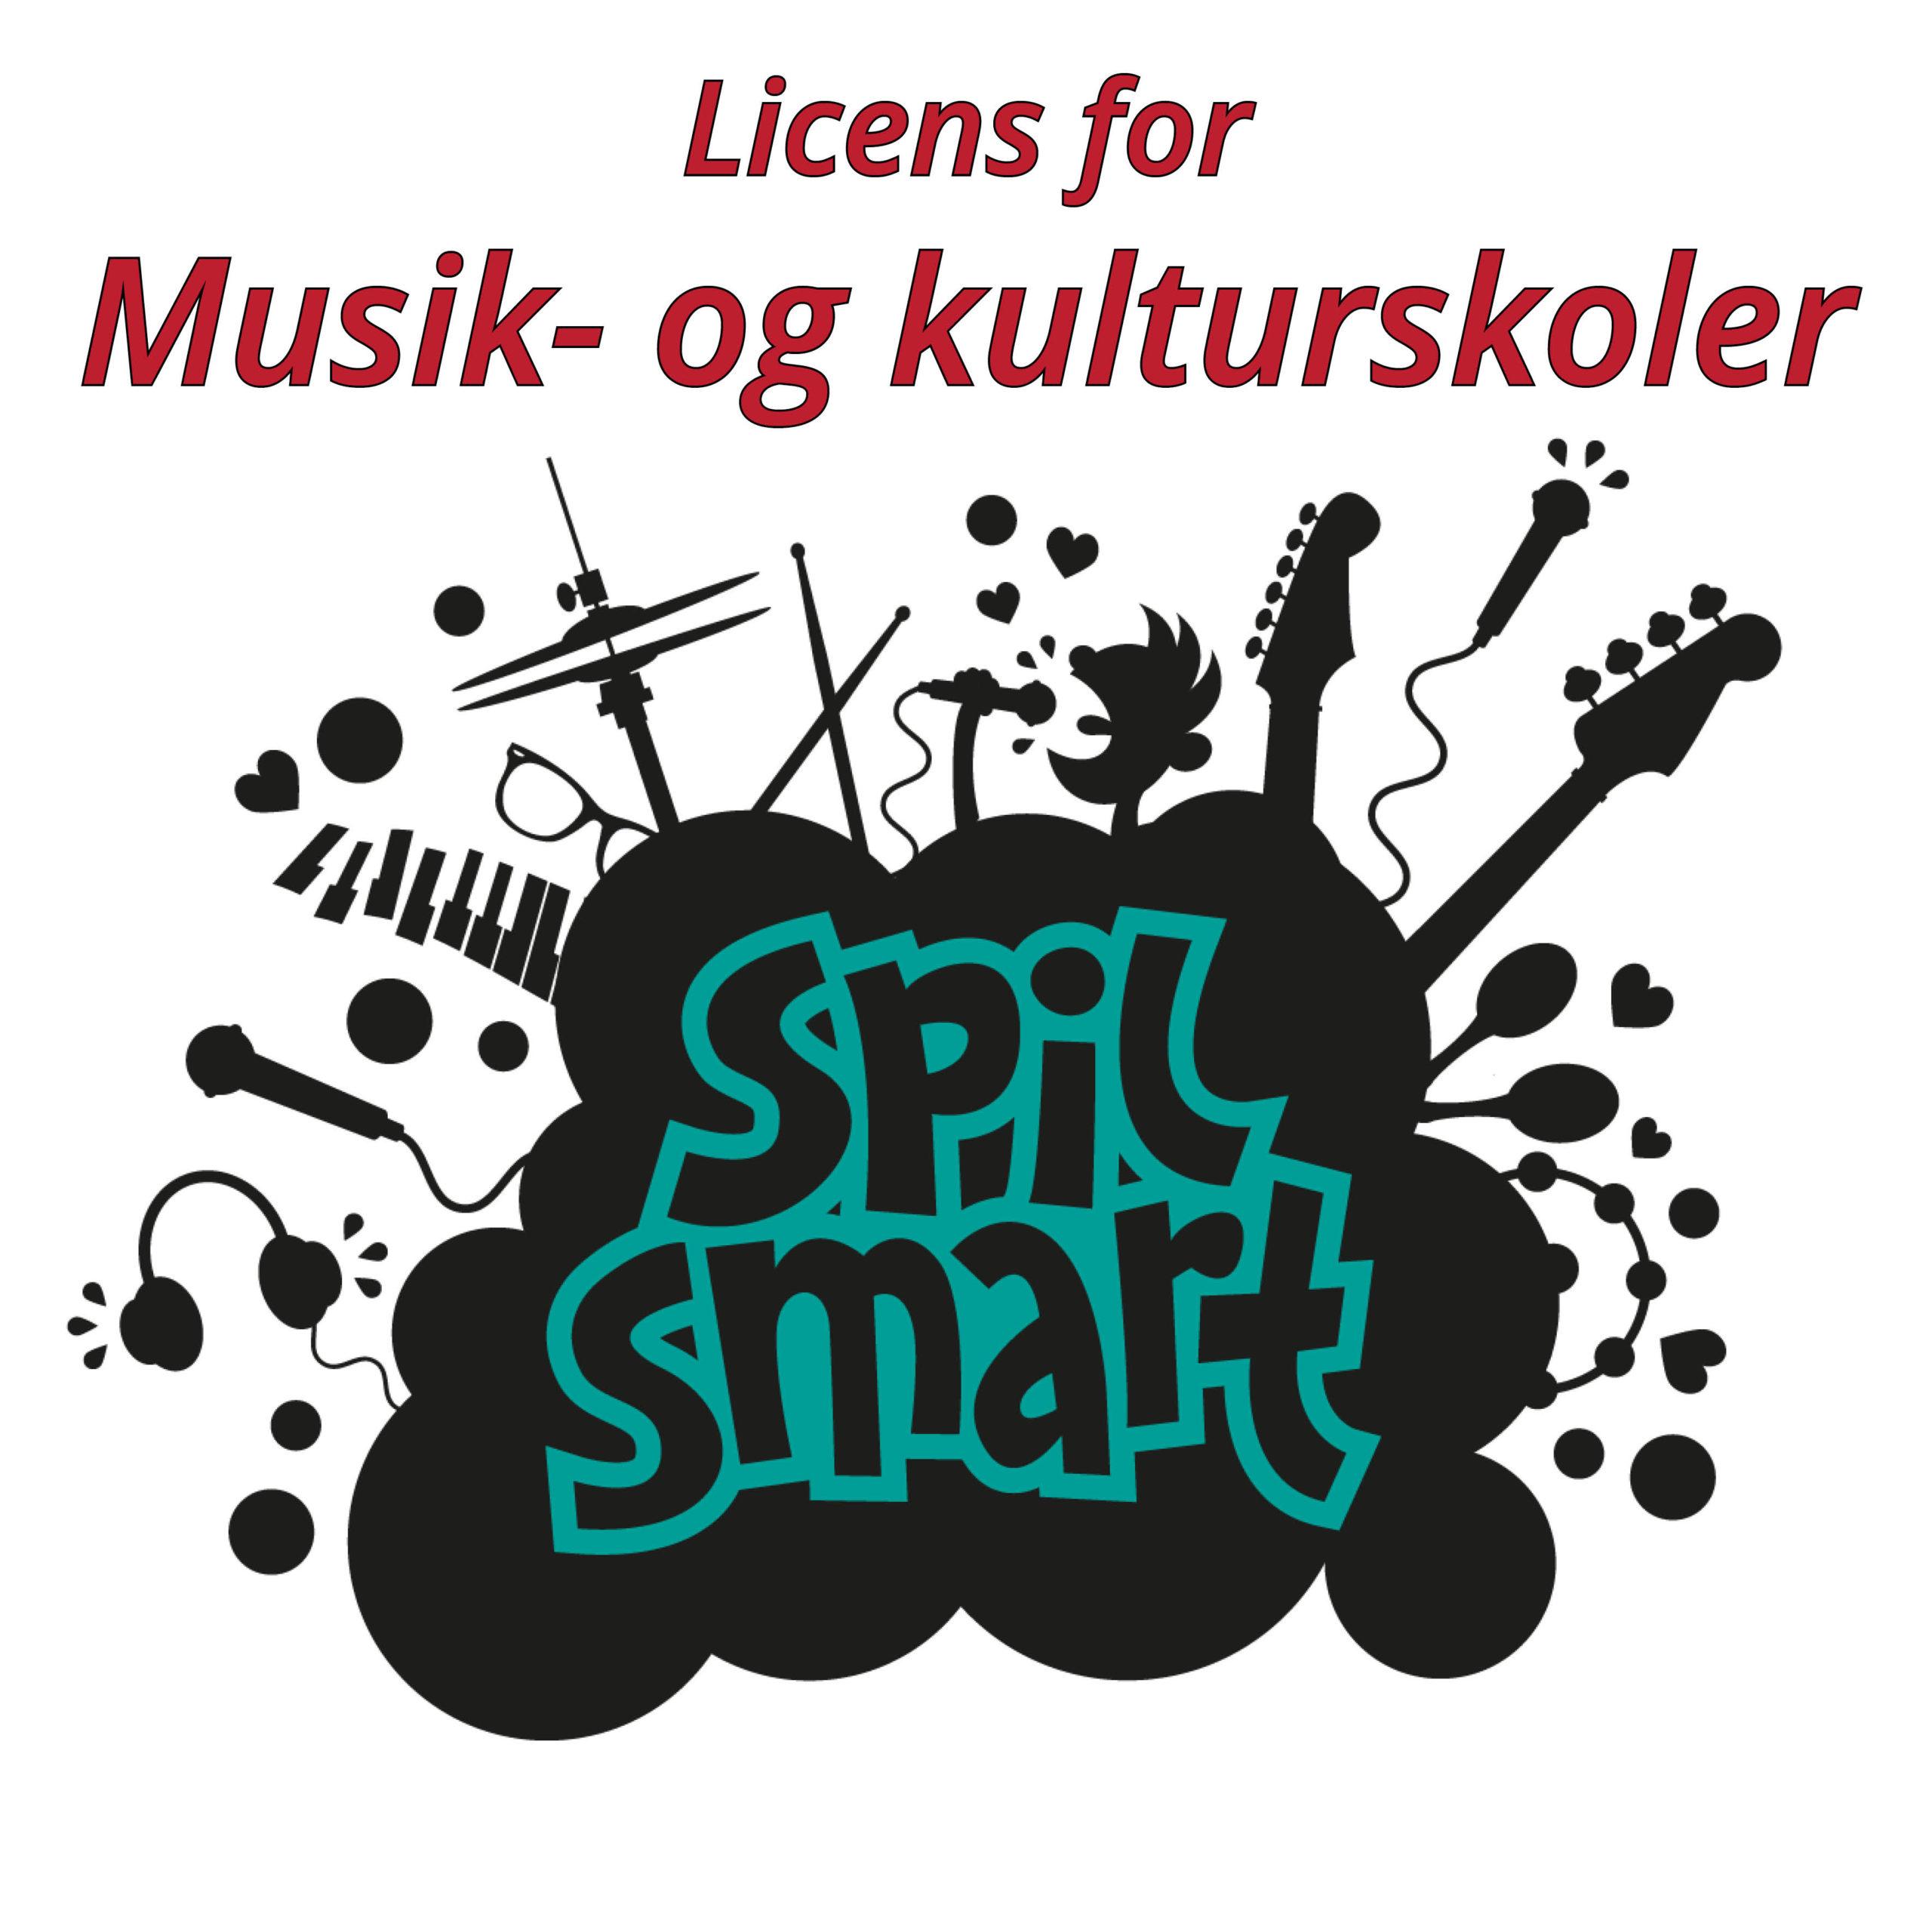 Spil Smart licens for musik- og kulturskoler